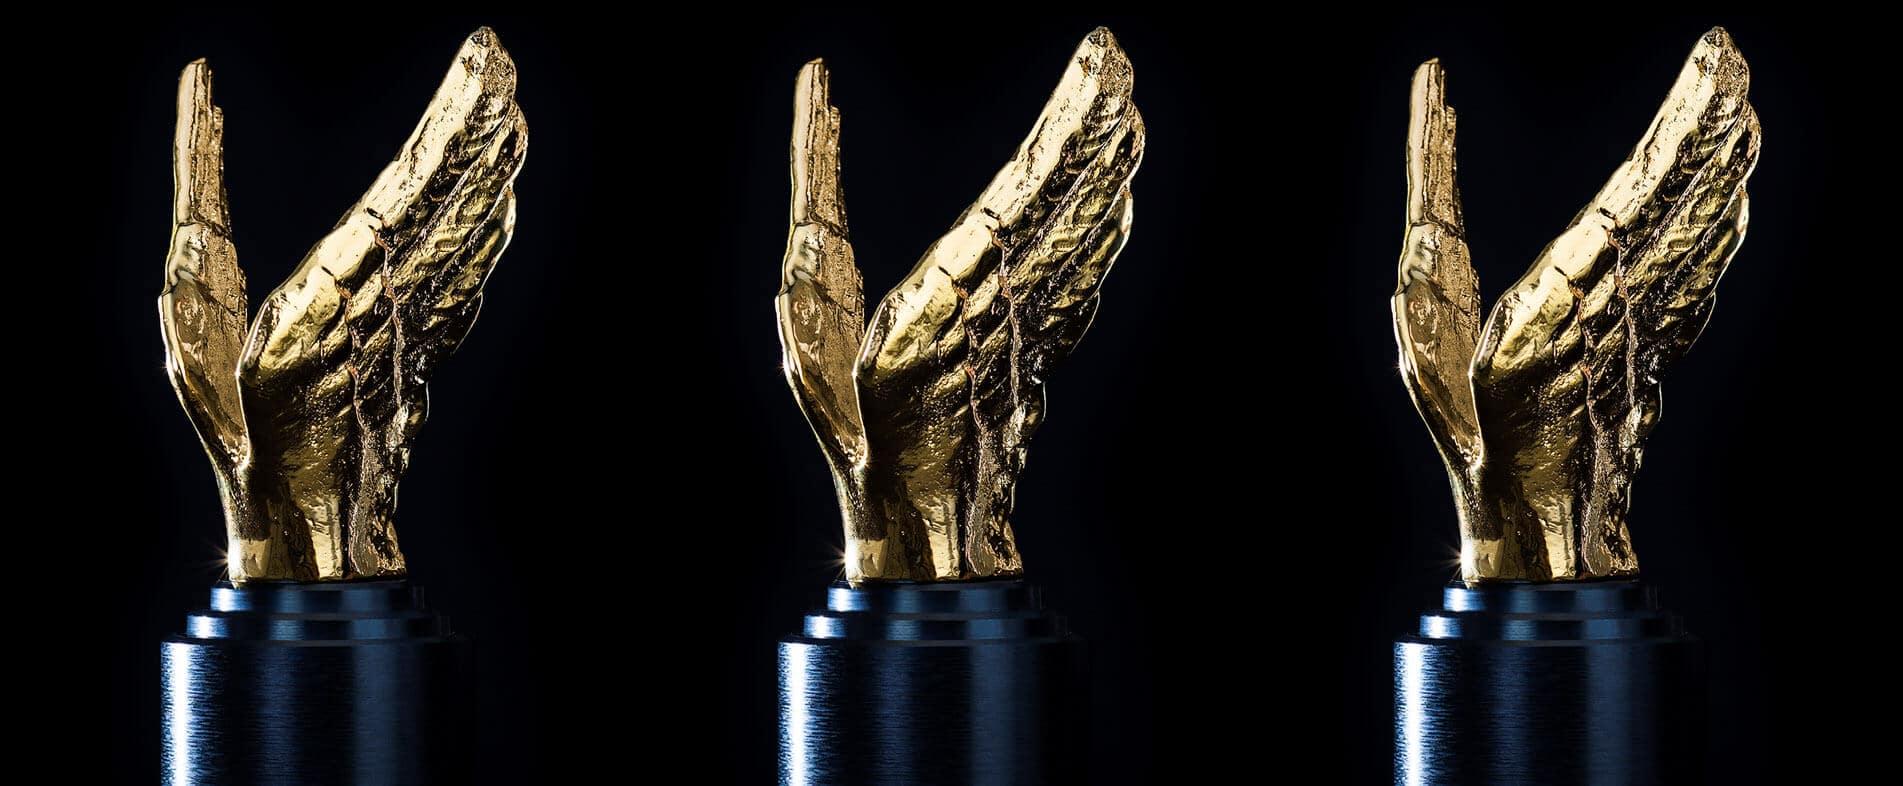 Weinberg wins Golden Lion of Venice